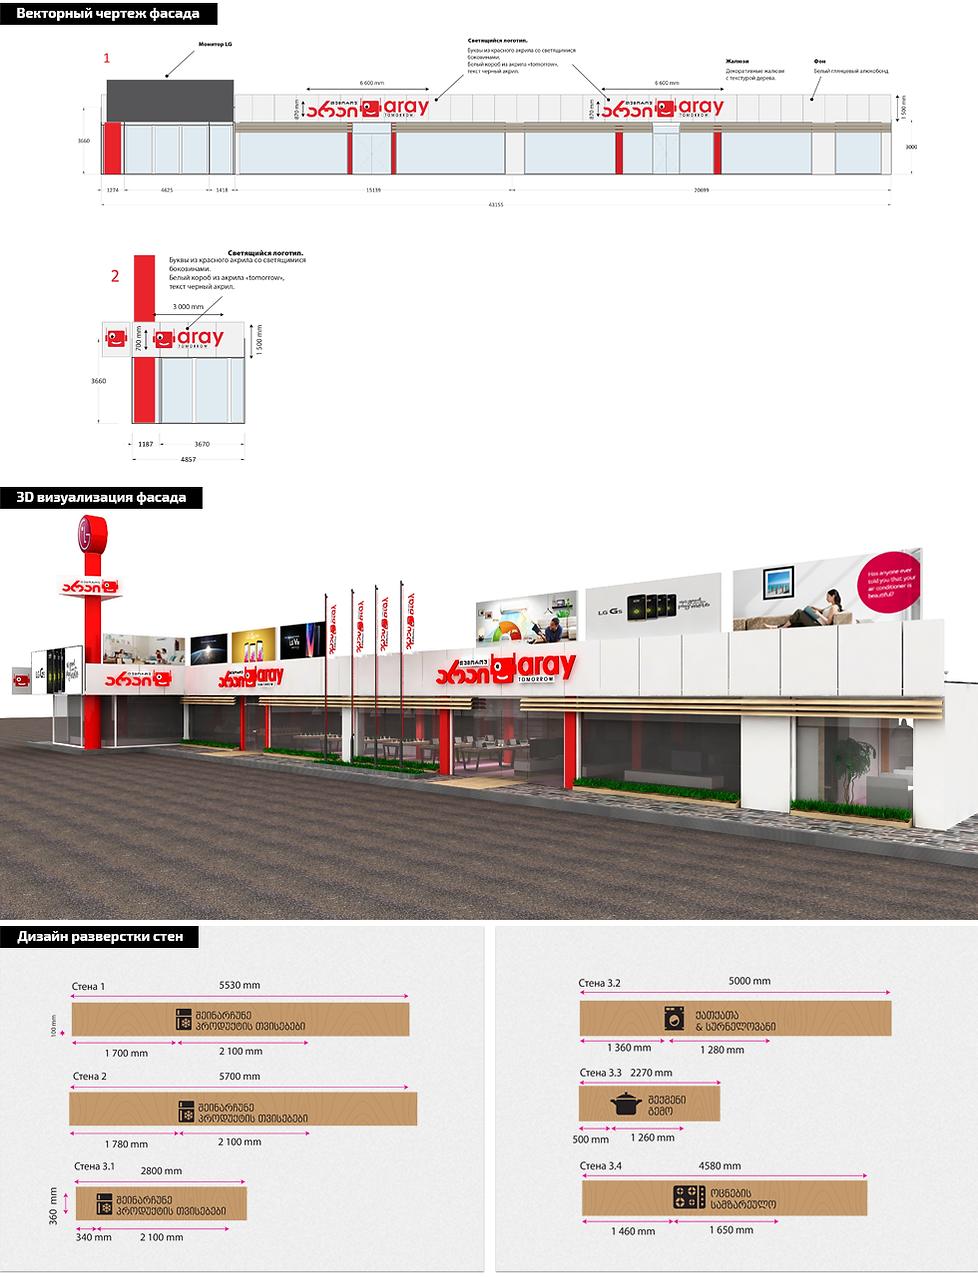 მაღაზიის დიზაინი და პროექტირება არაი